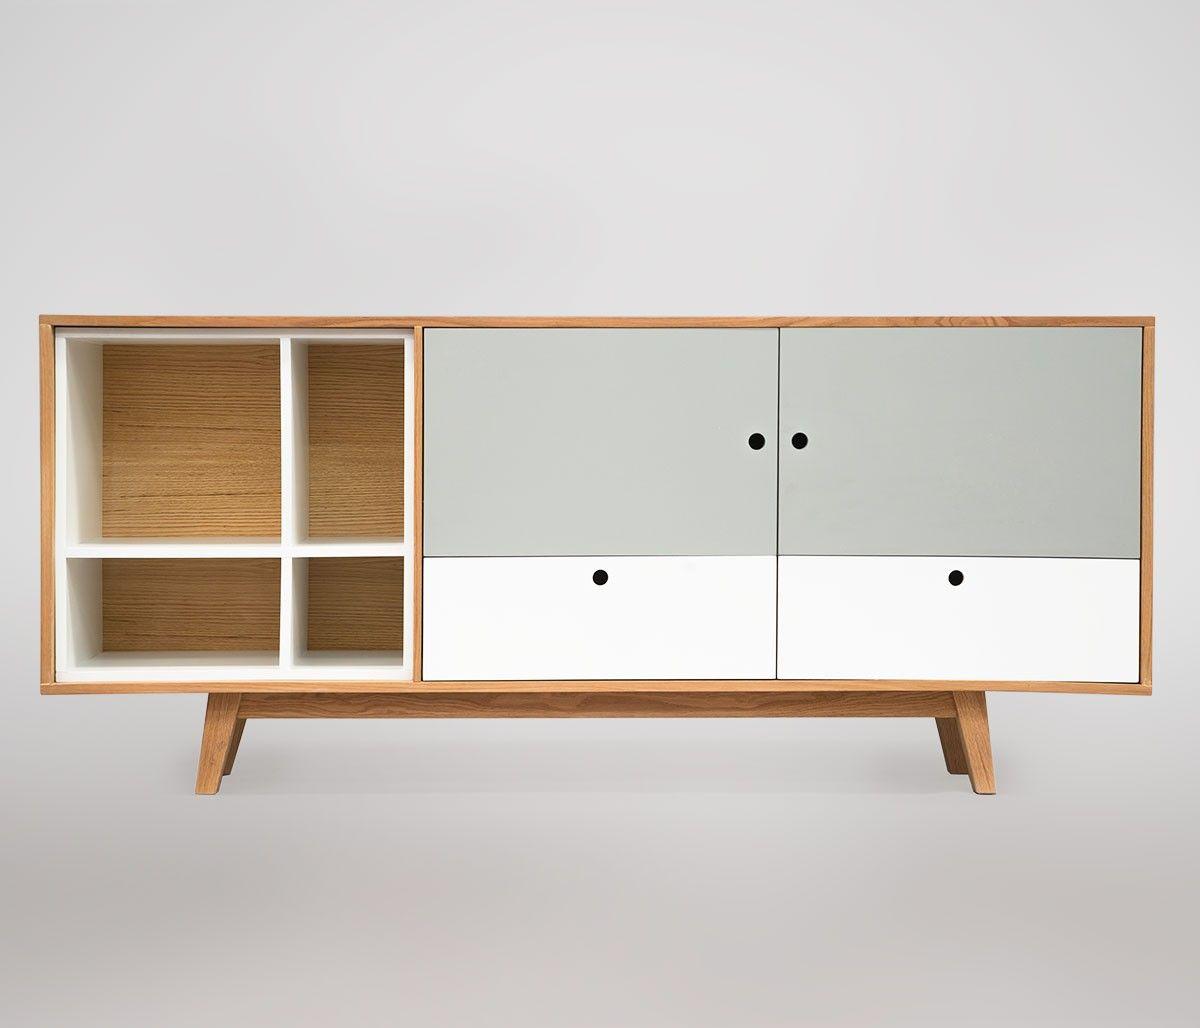 Gaia Design Credenza Evo Furniture Design Gaiadesign Mexico